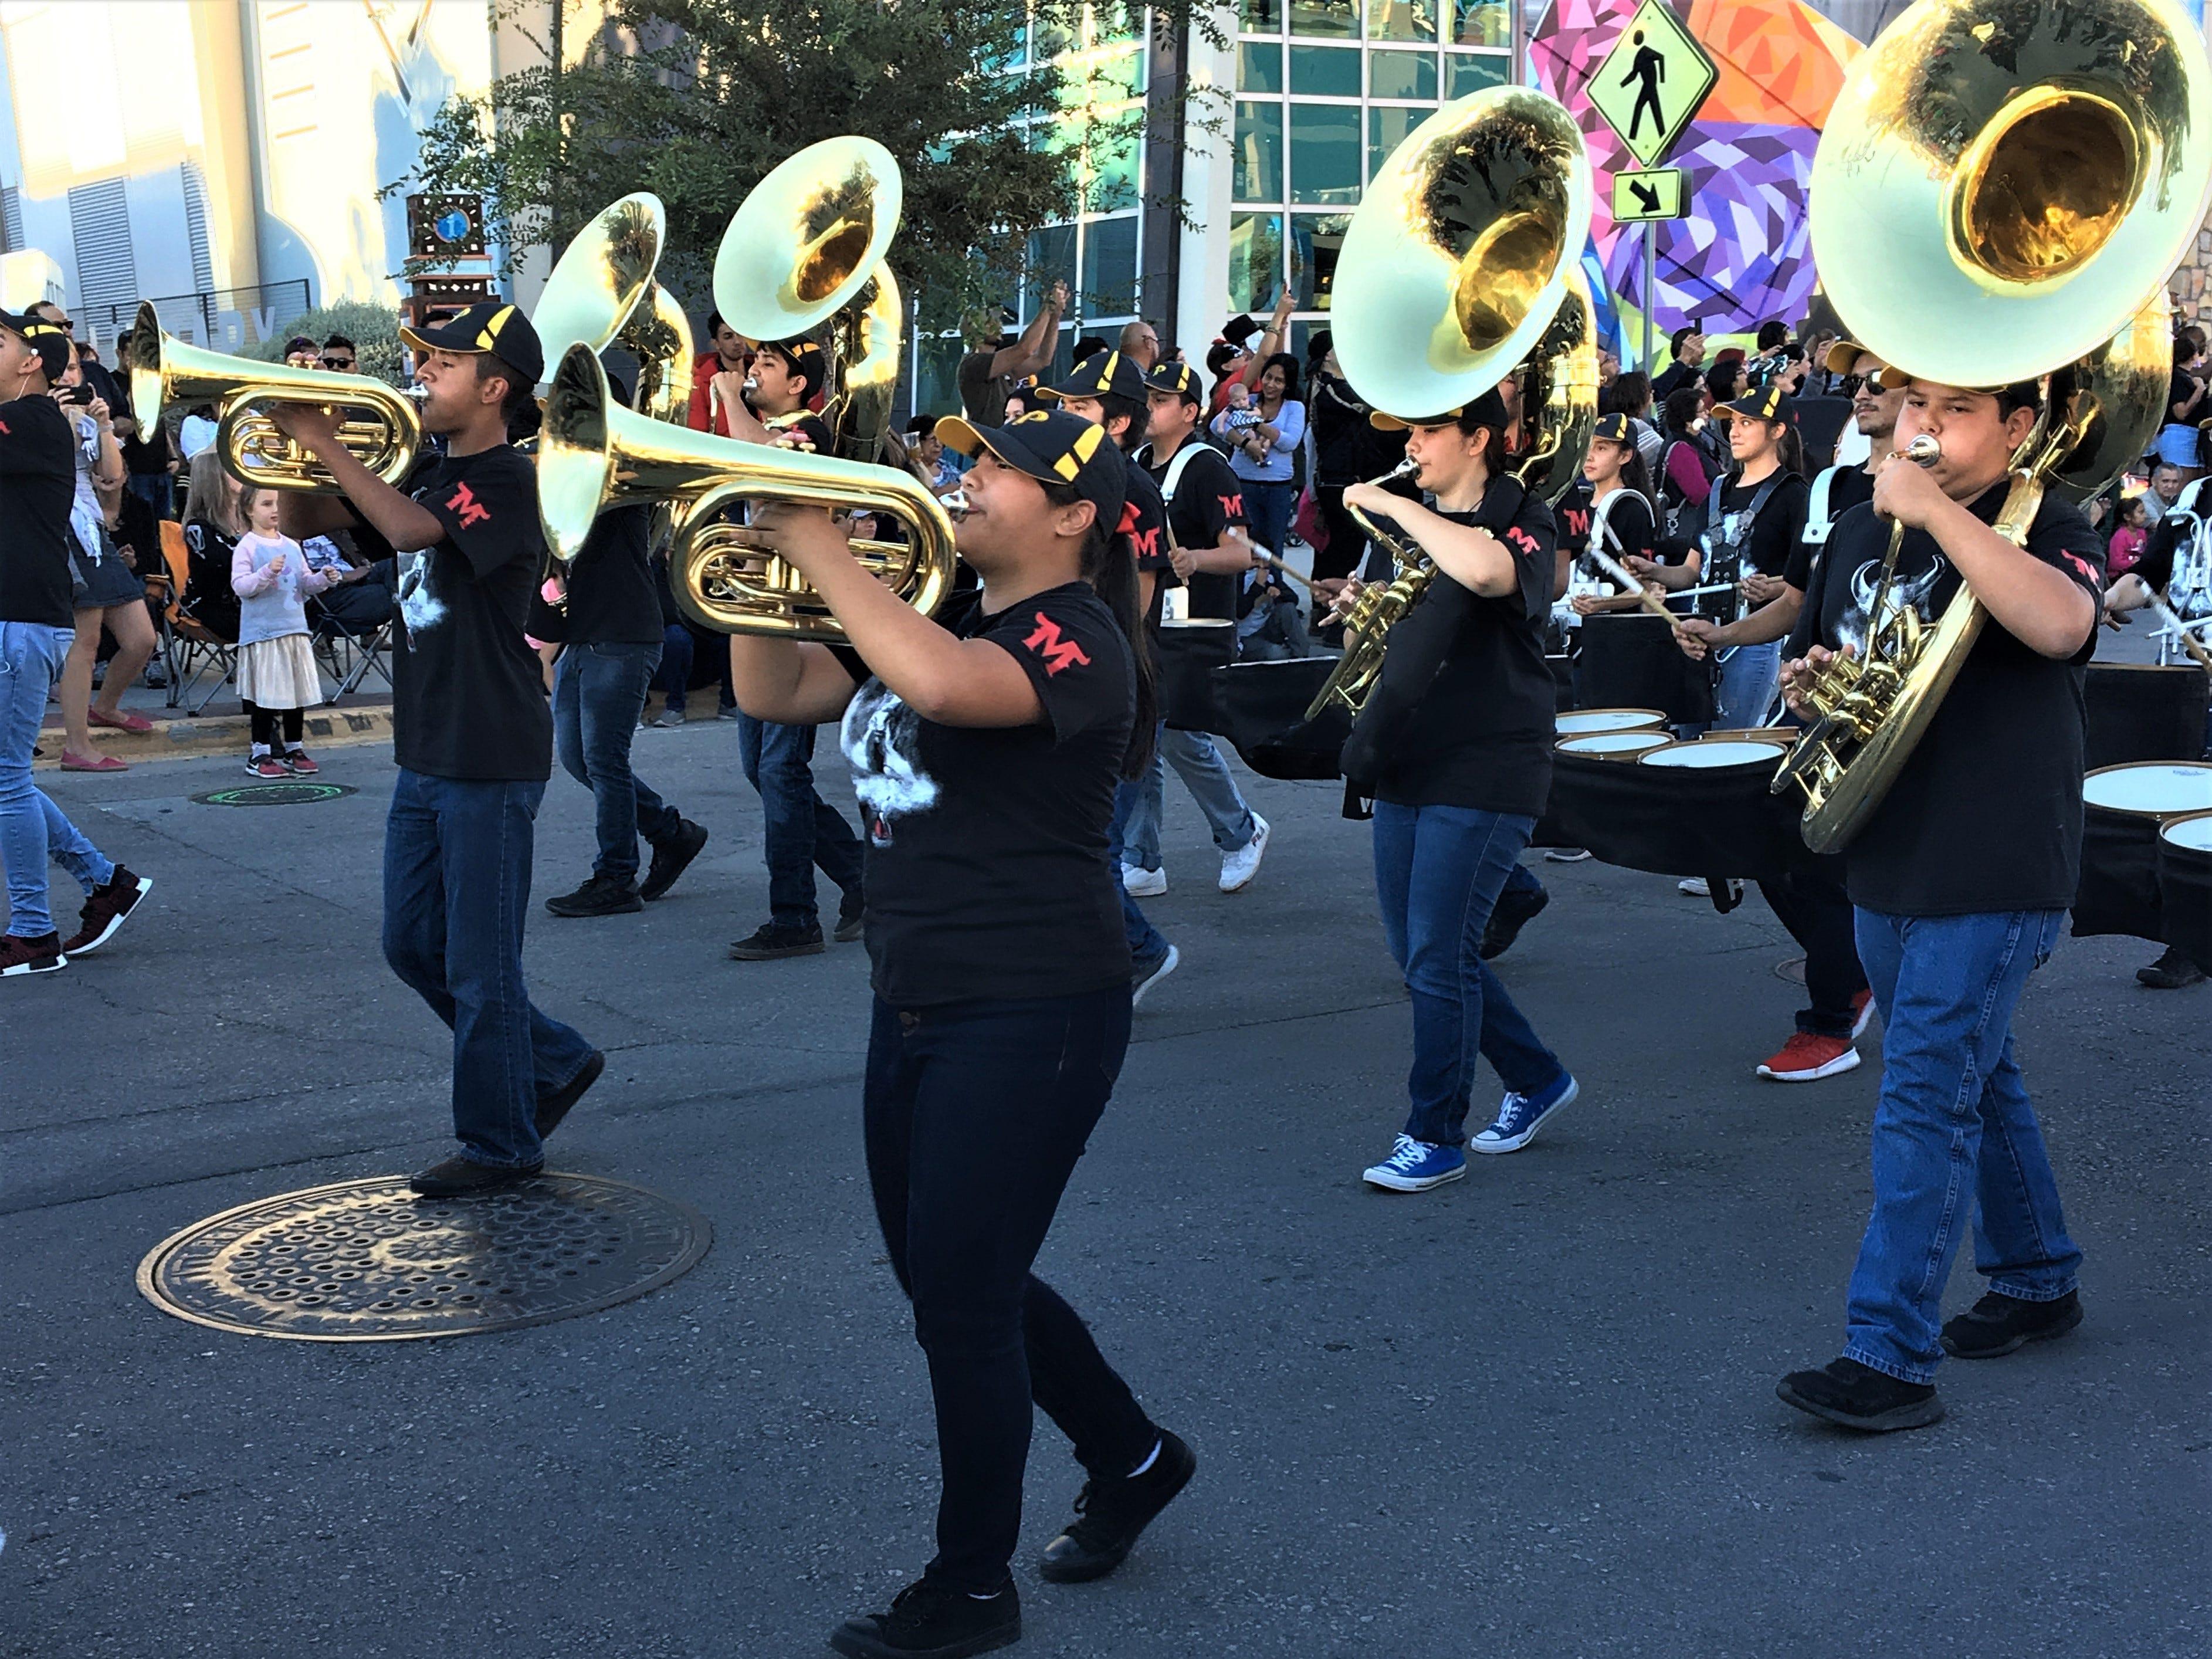 The Parkland High School Matador Band performs at the Dia de los Muertos 2018 parade in Downtown El Paso.